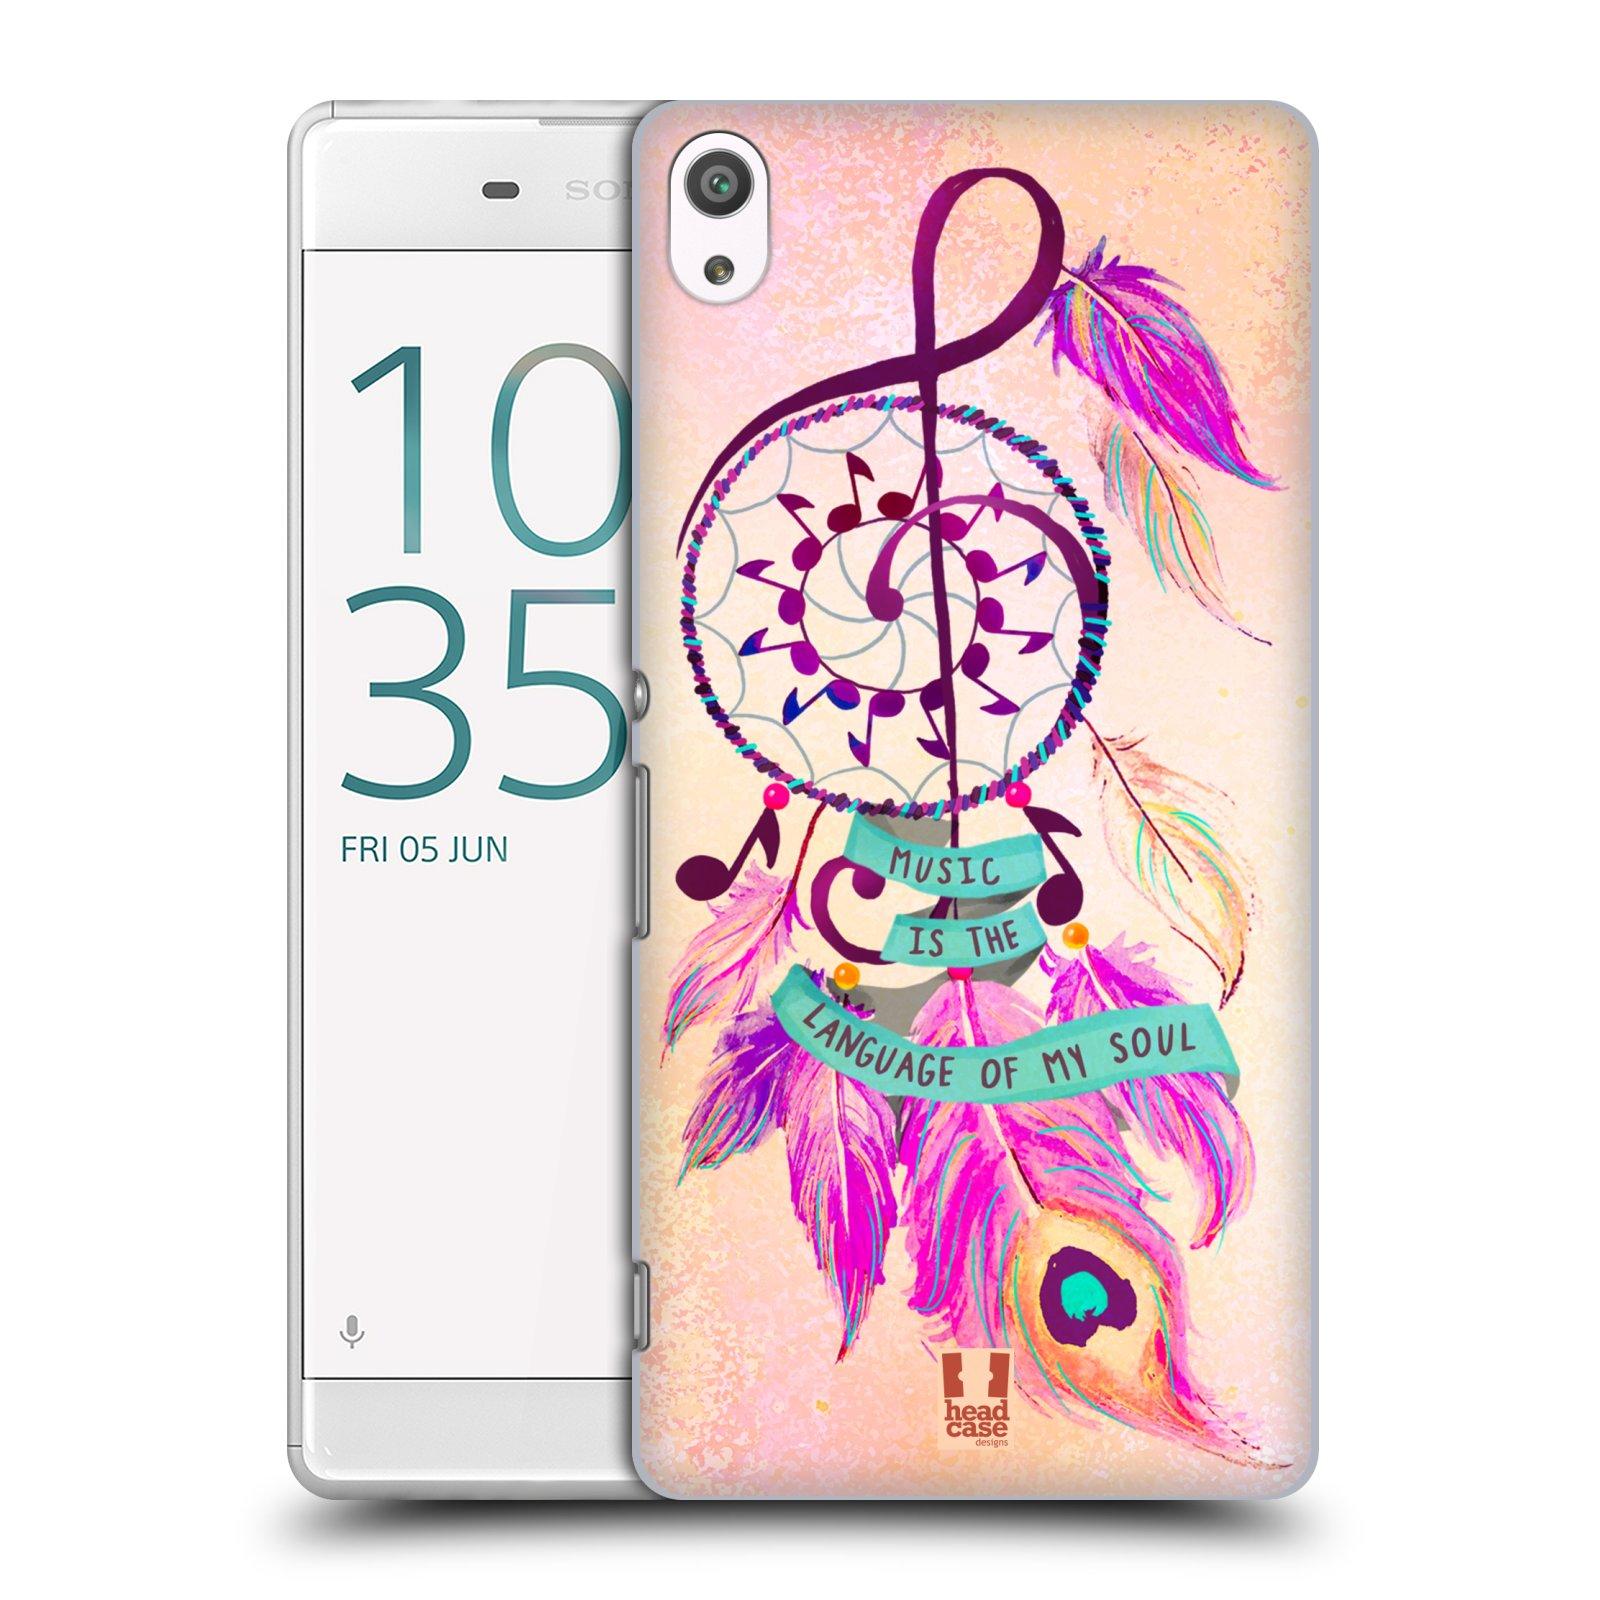 Plastové pouzdro na mobil Sony Xperia XA Ultra HEAD CASE Lapač Assorted Music